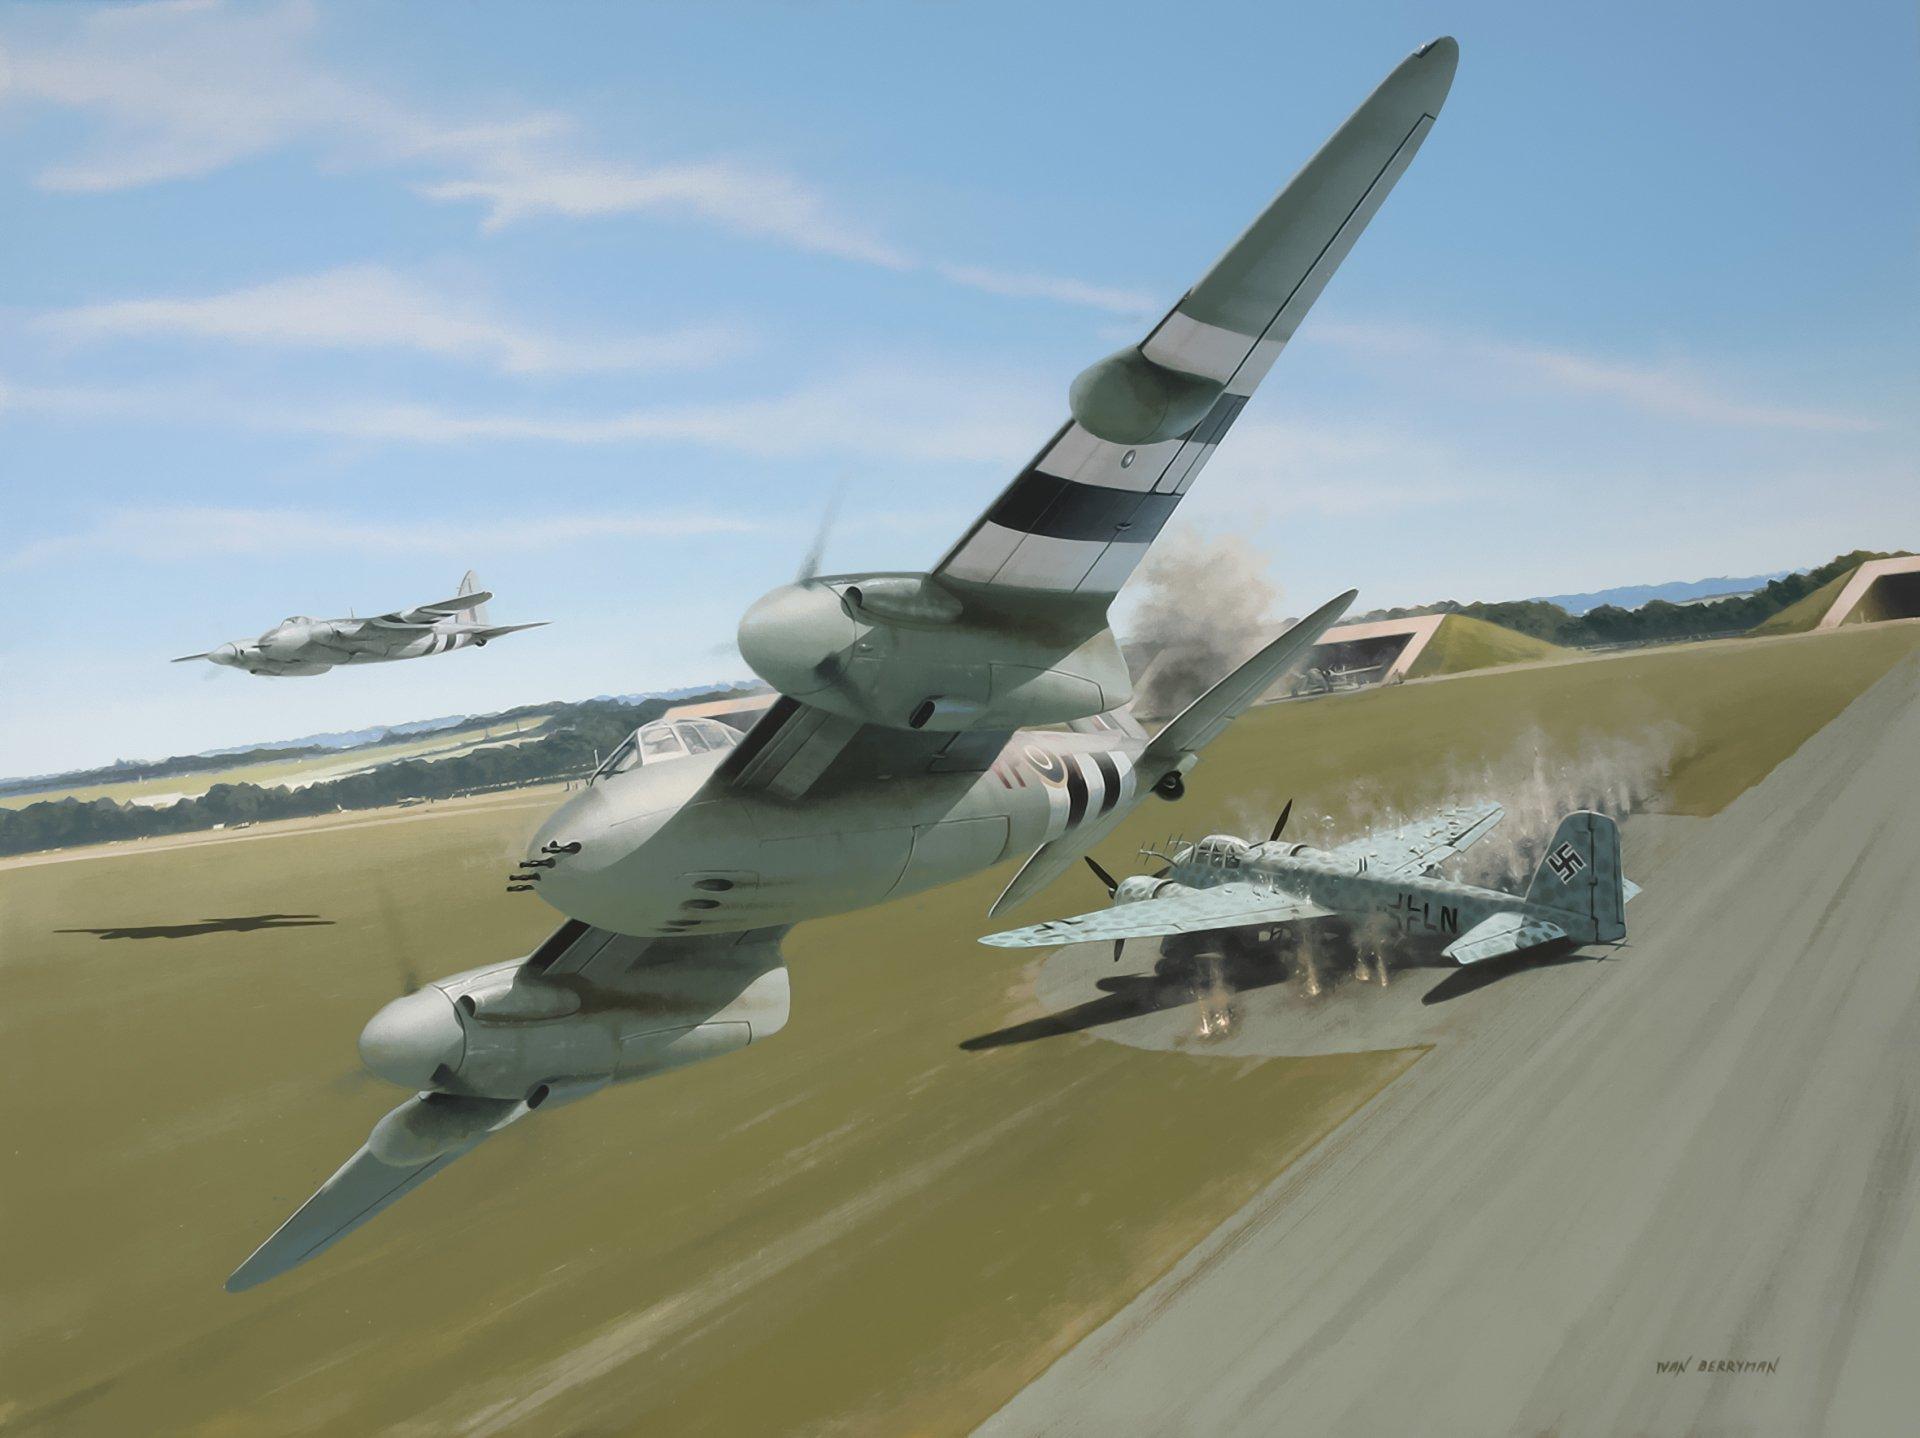 Обои De havilland mosquito, британский многоцелевой бомбардировщик. Авиация foto 13